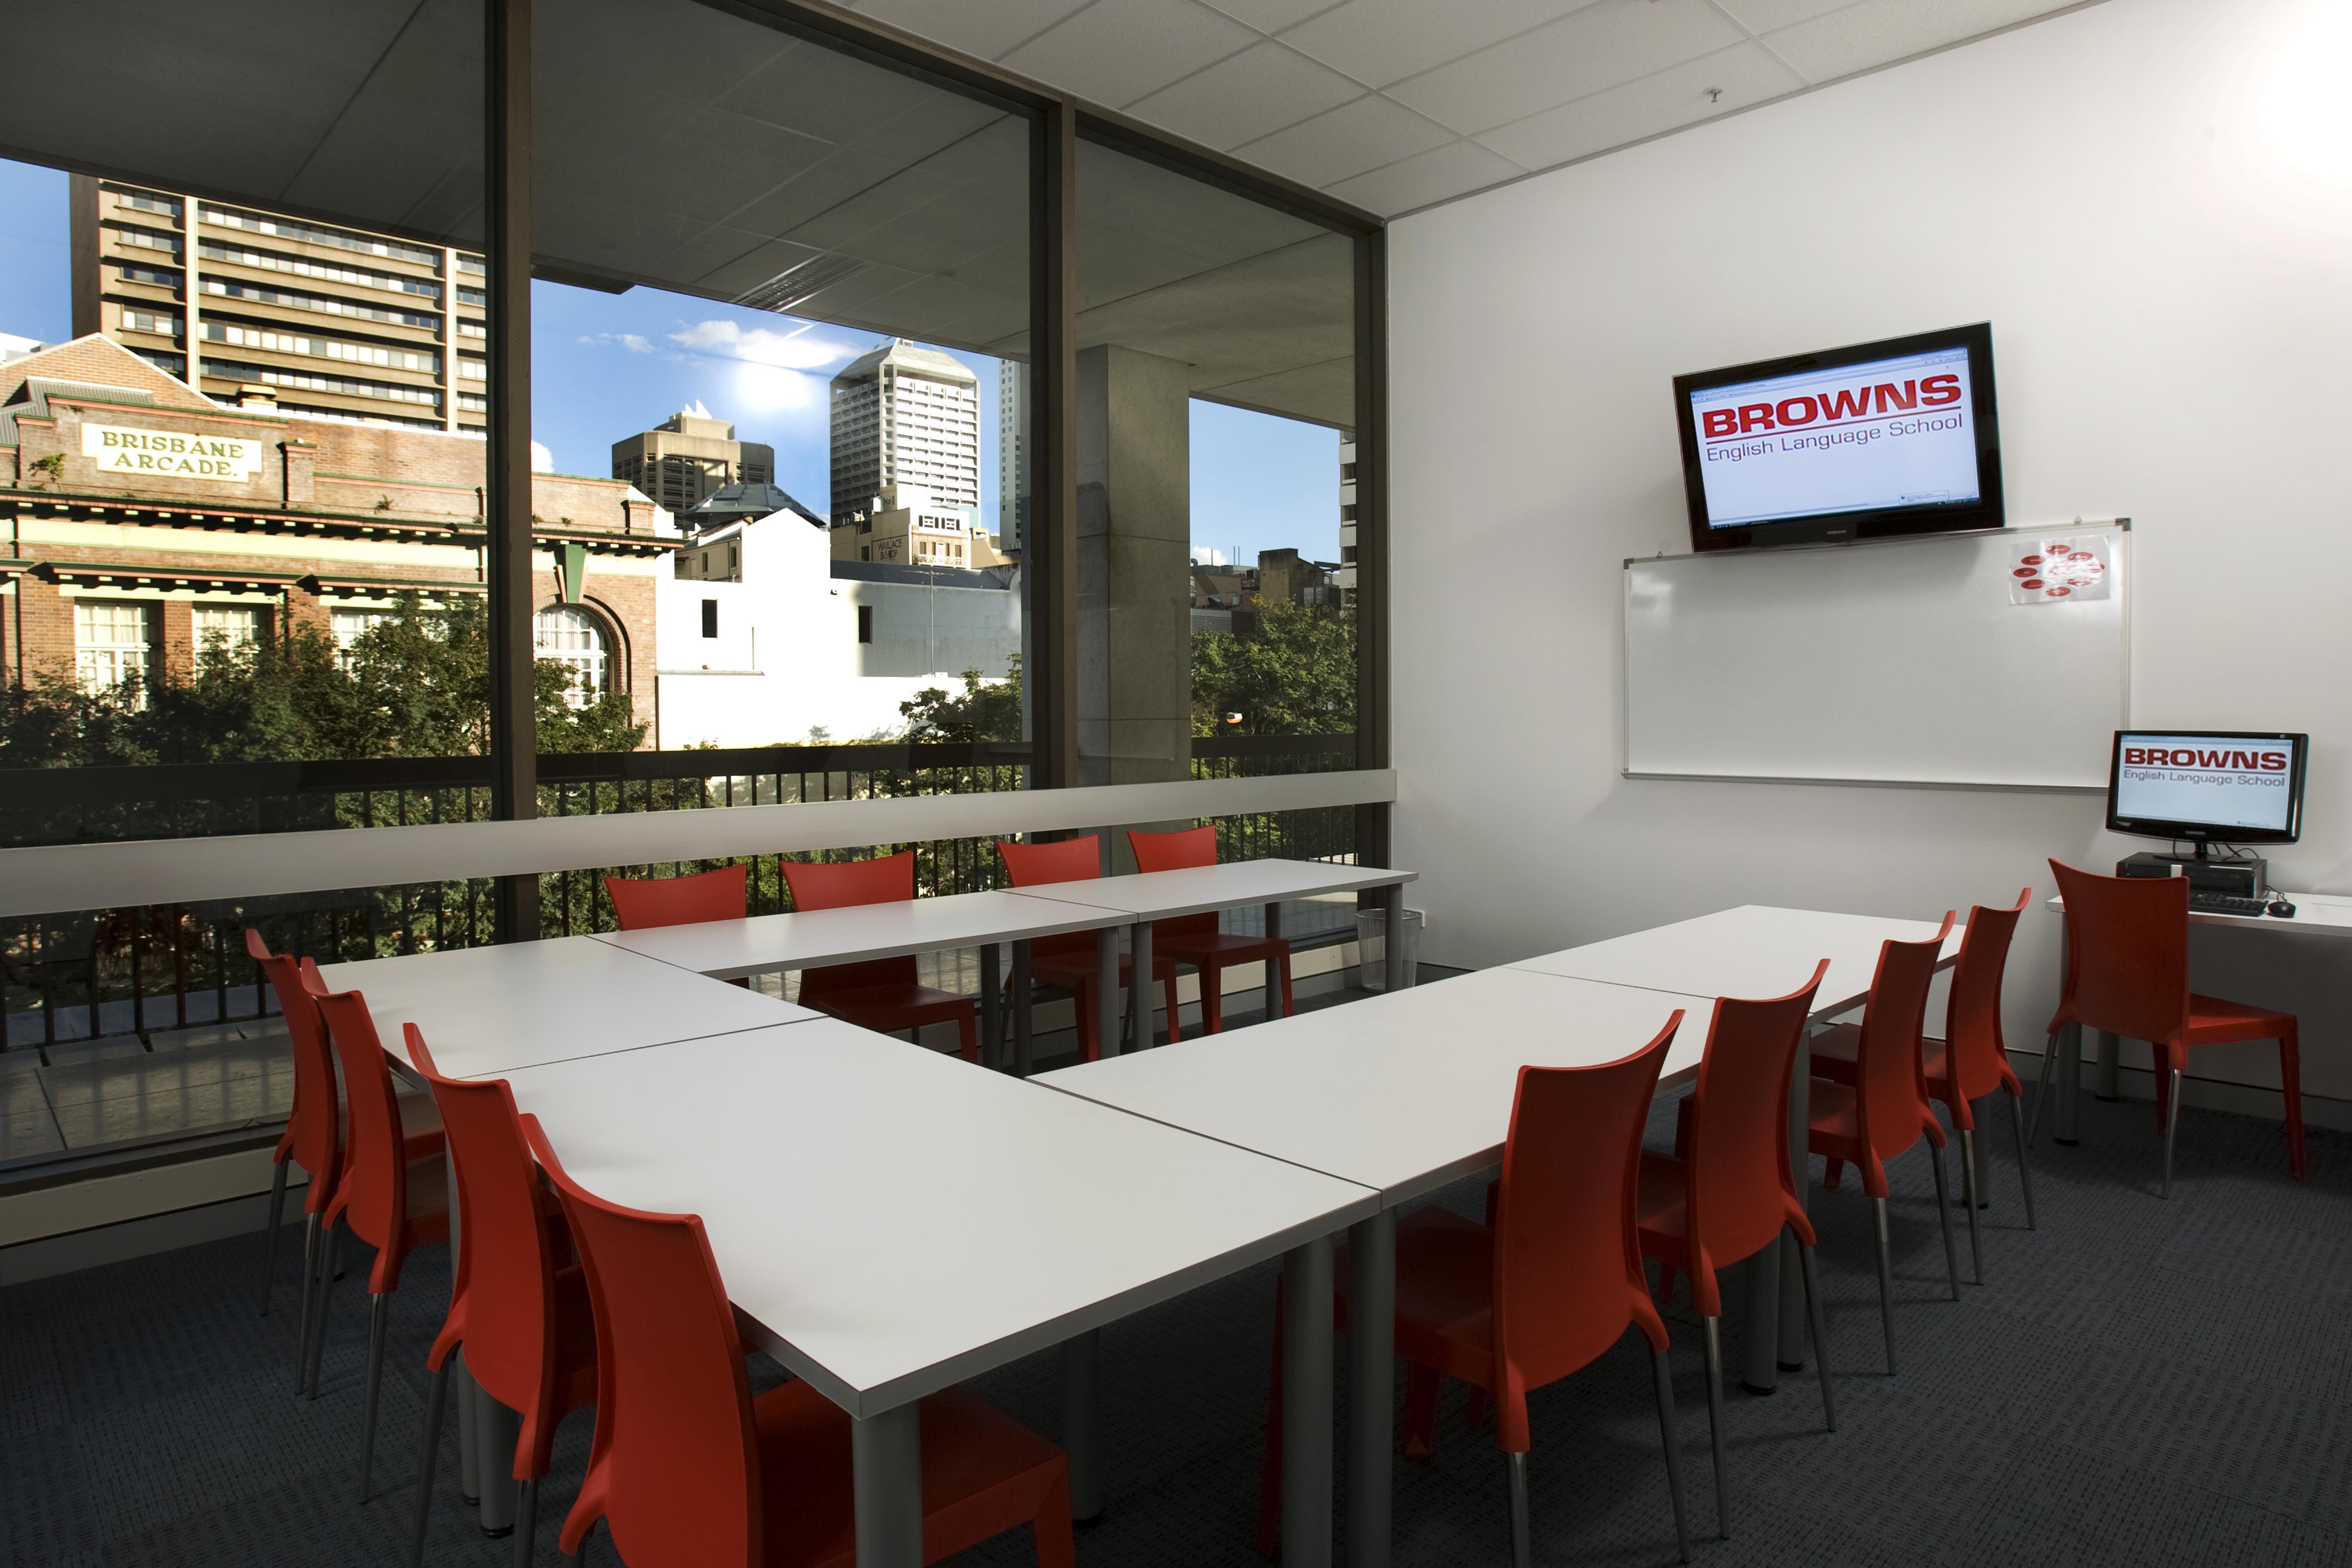 bne_campus_11 クラスルーム